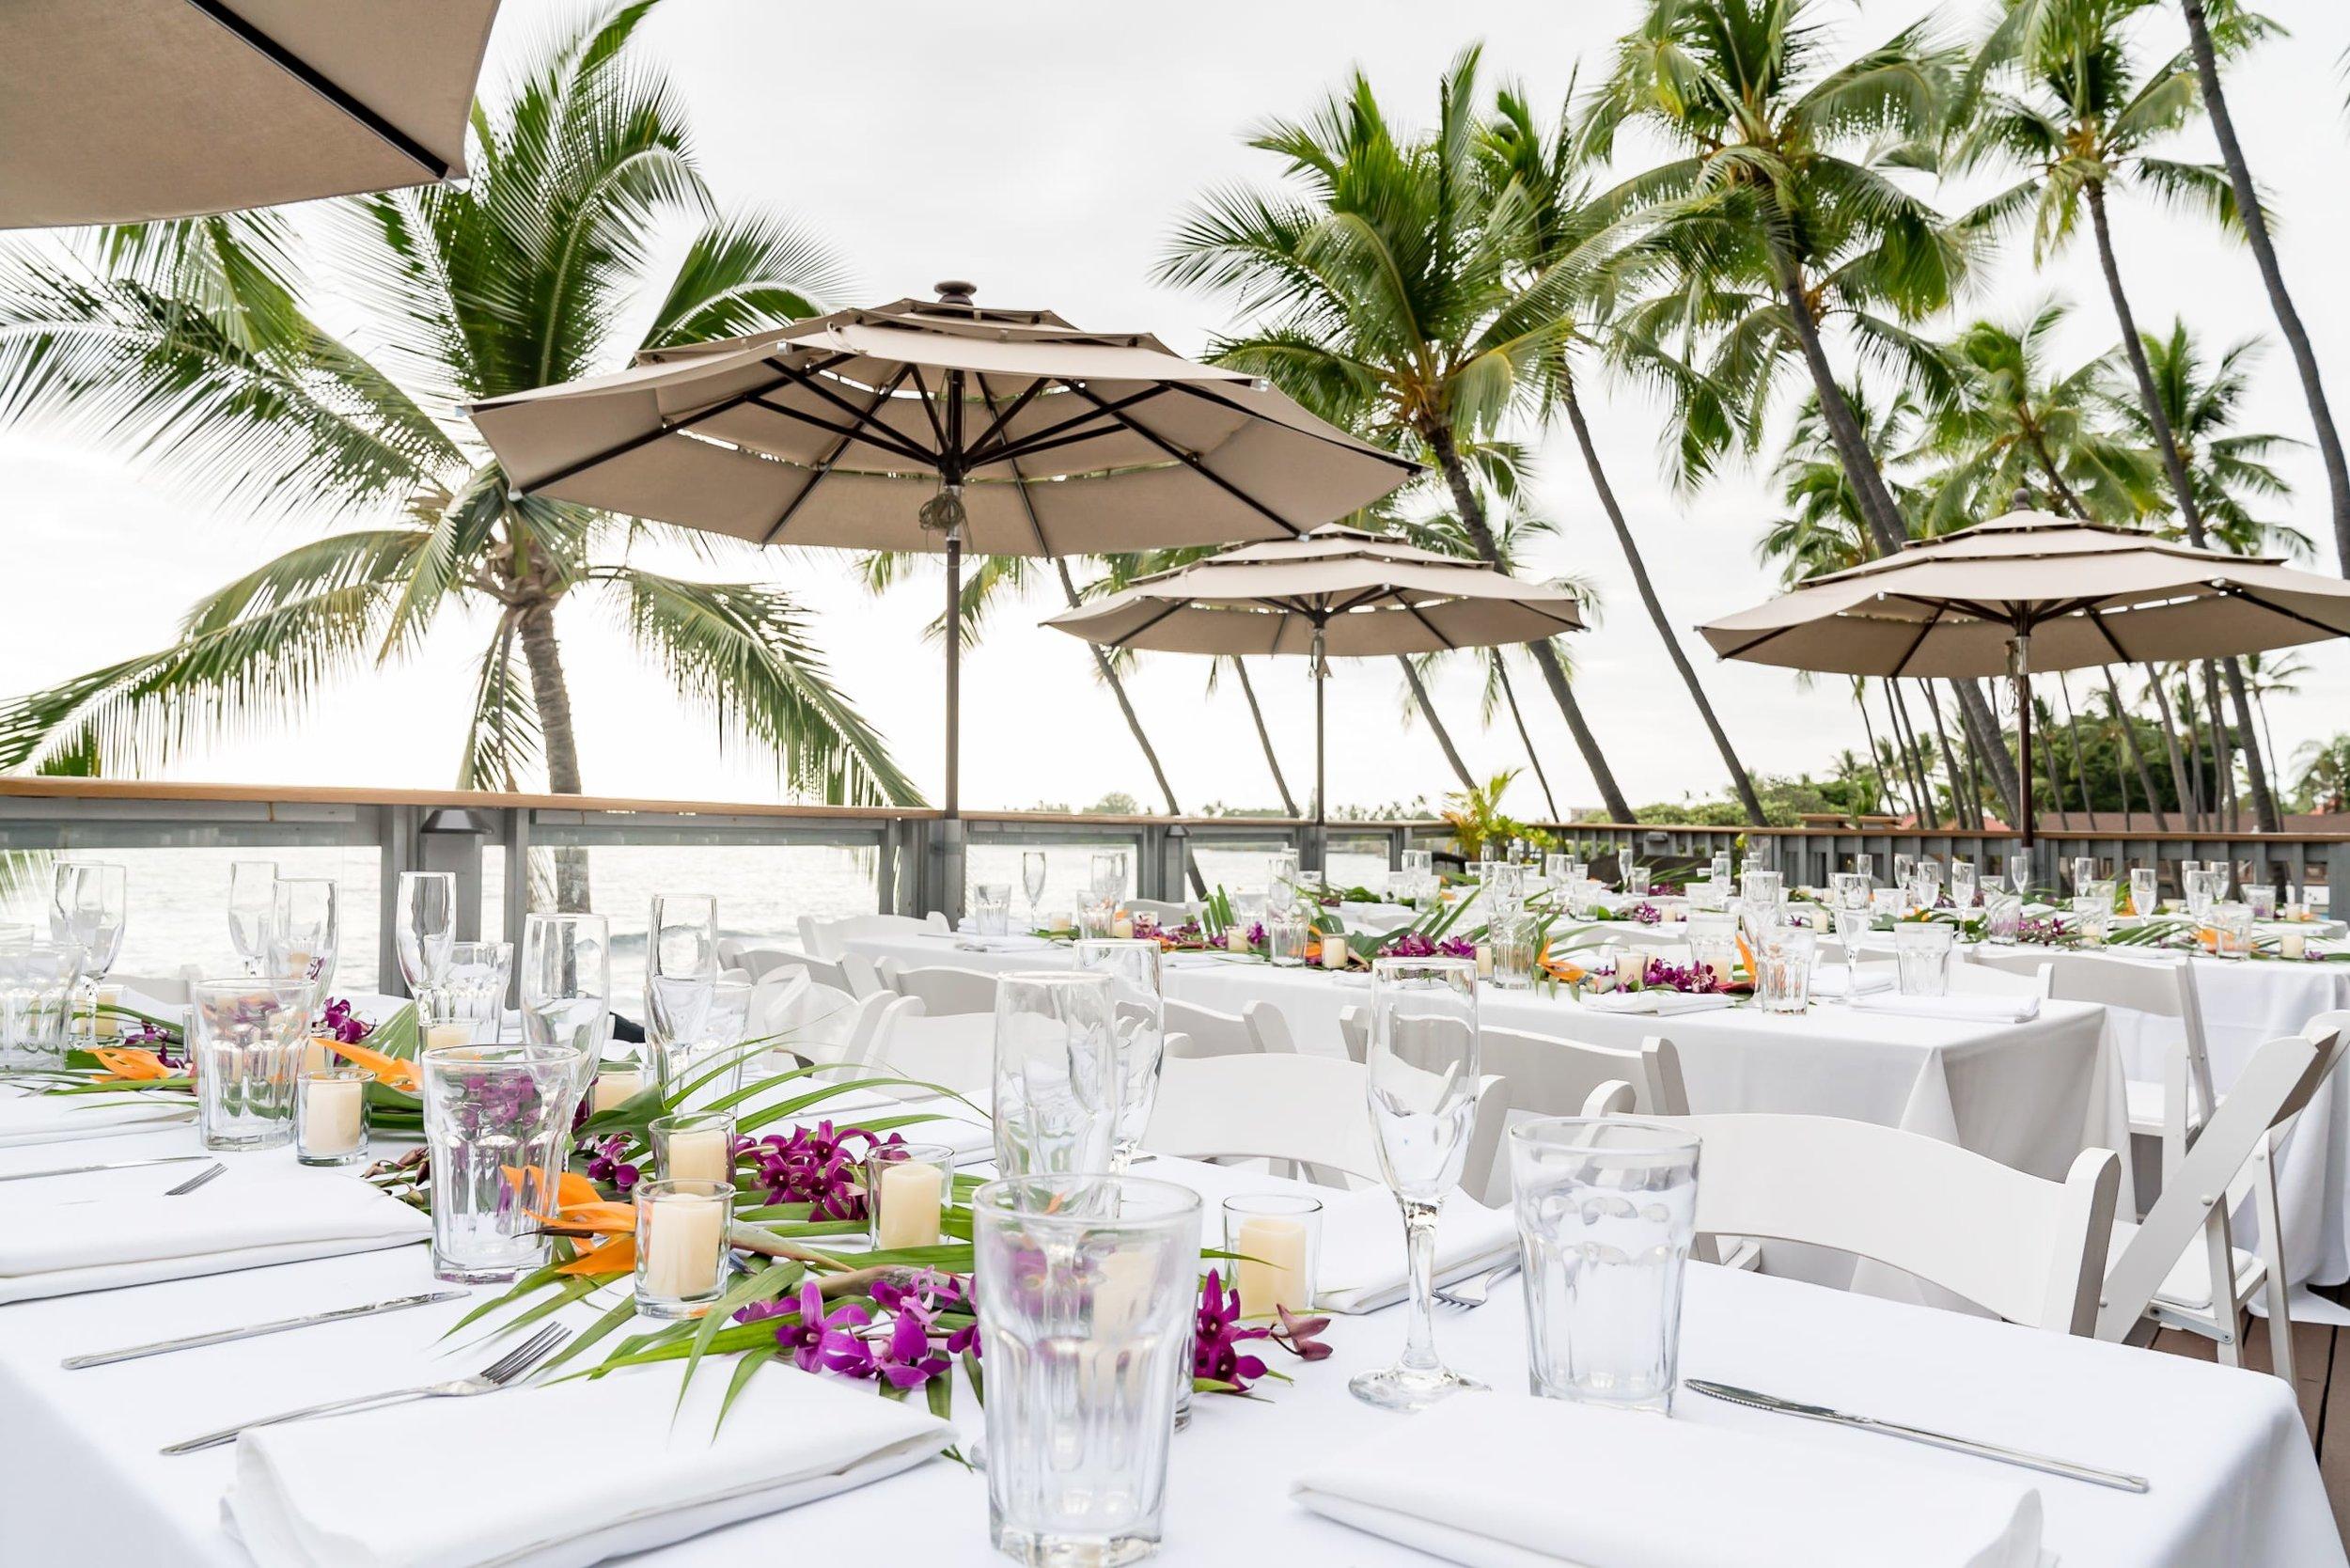 Big-Island-Hawaii-Jade-Keyes-Derrick-Alig-Daylight-Mind-Kailua-Kona-Hawaii-Wedding8.jpg